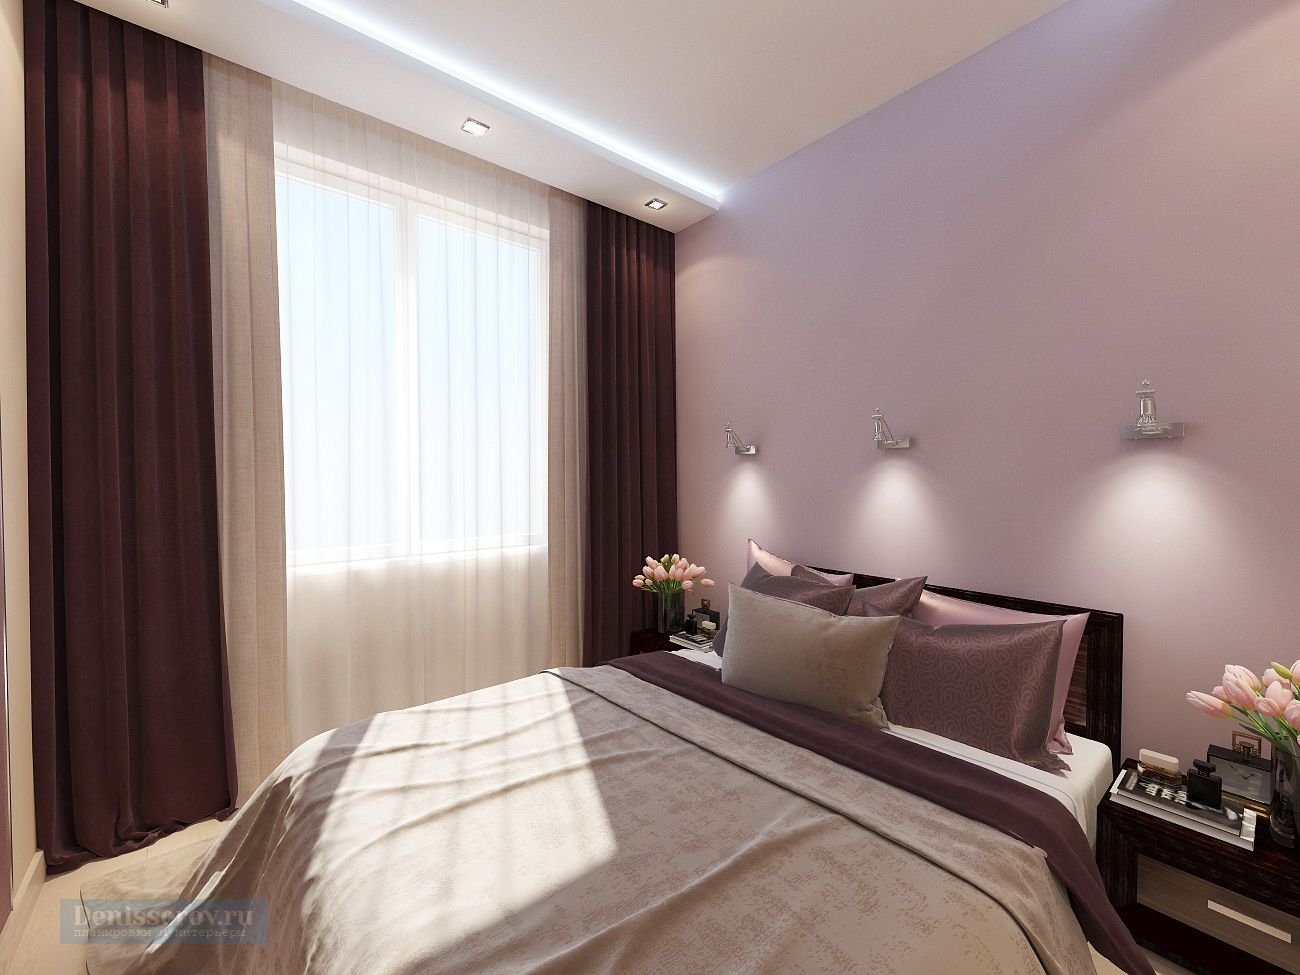 дизайн спальни 9 кв.м. в современном стиле